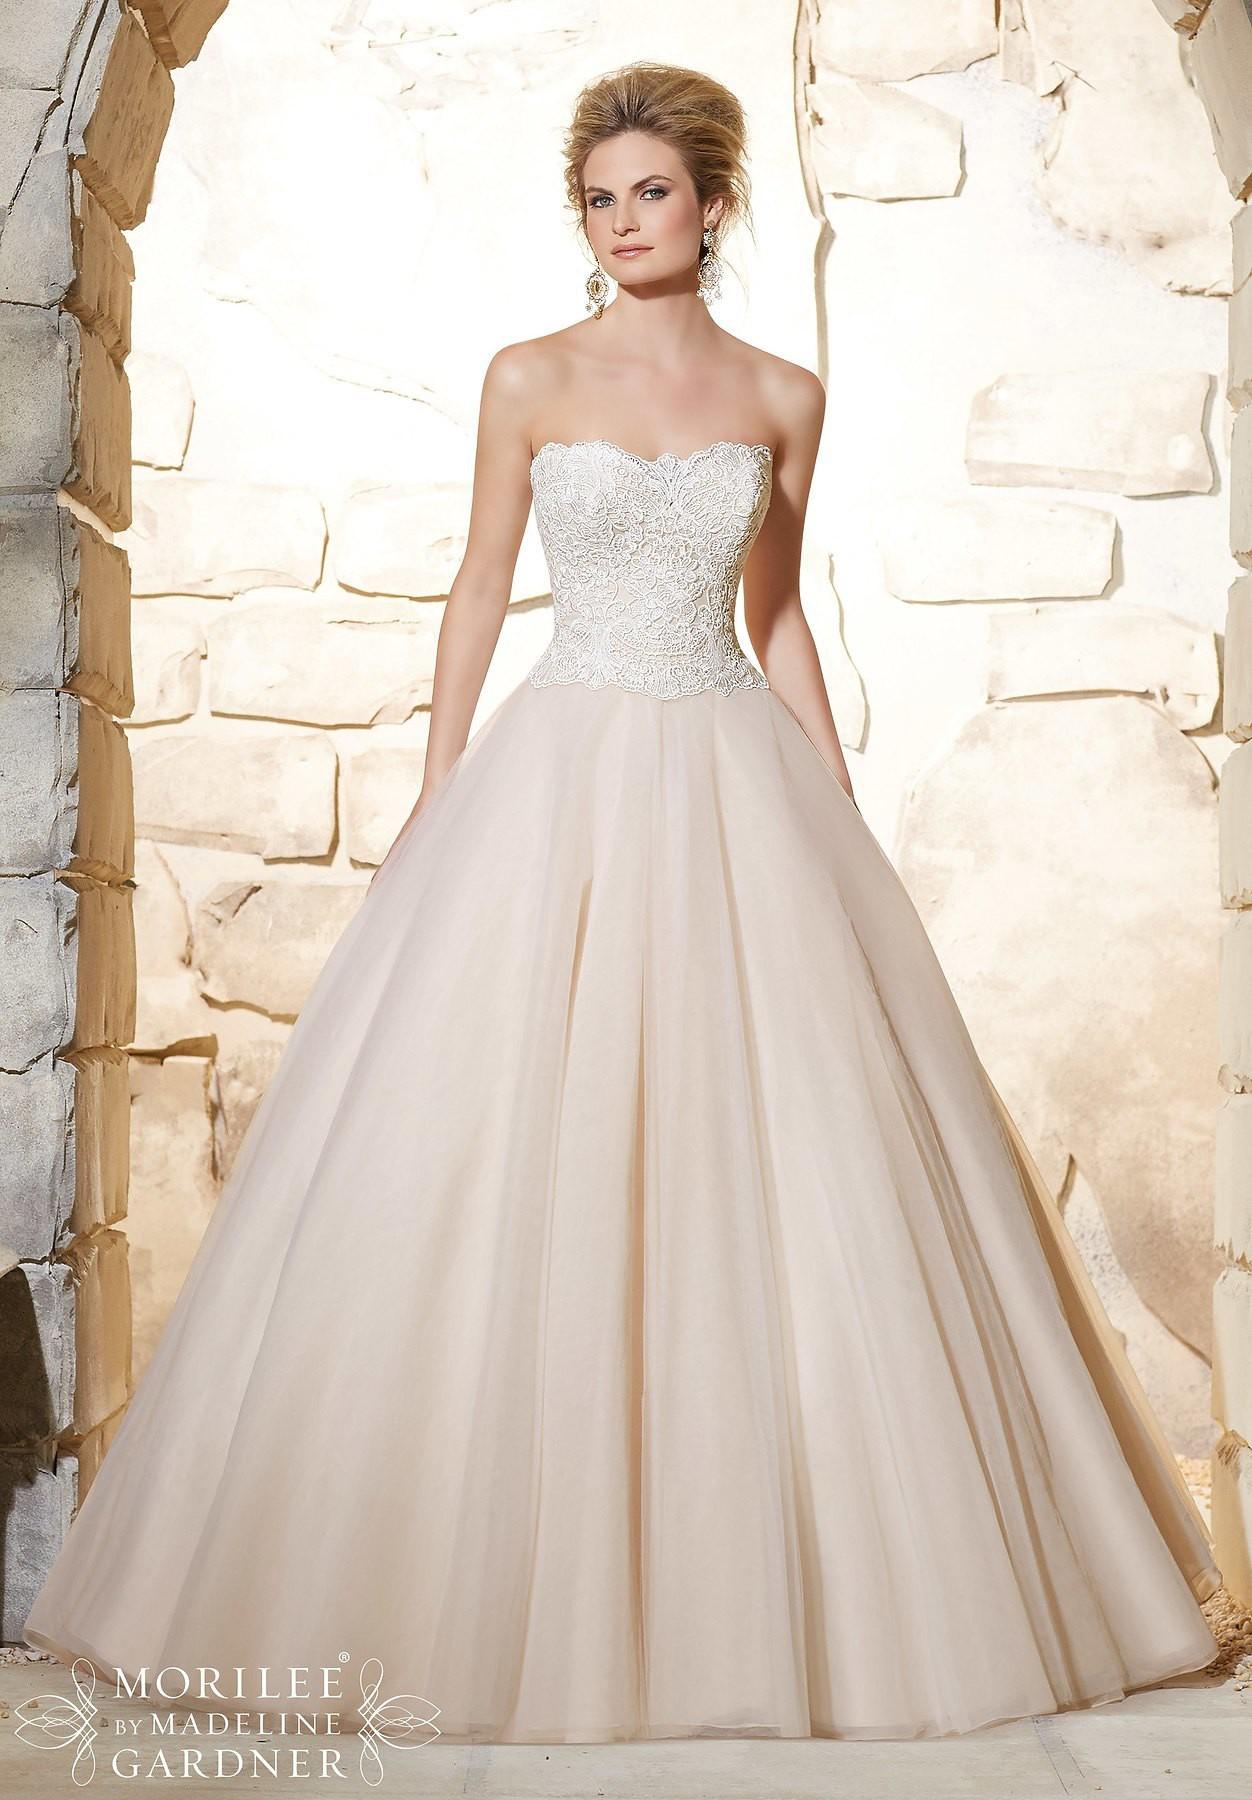 c6d527f7c573 Morilee Gwyneth New Wedding Dress on Sale 13% Off - Stillwhite ...